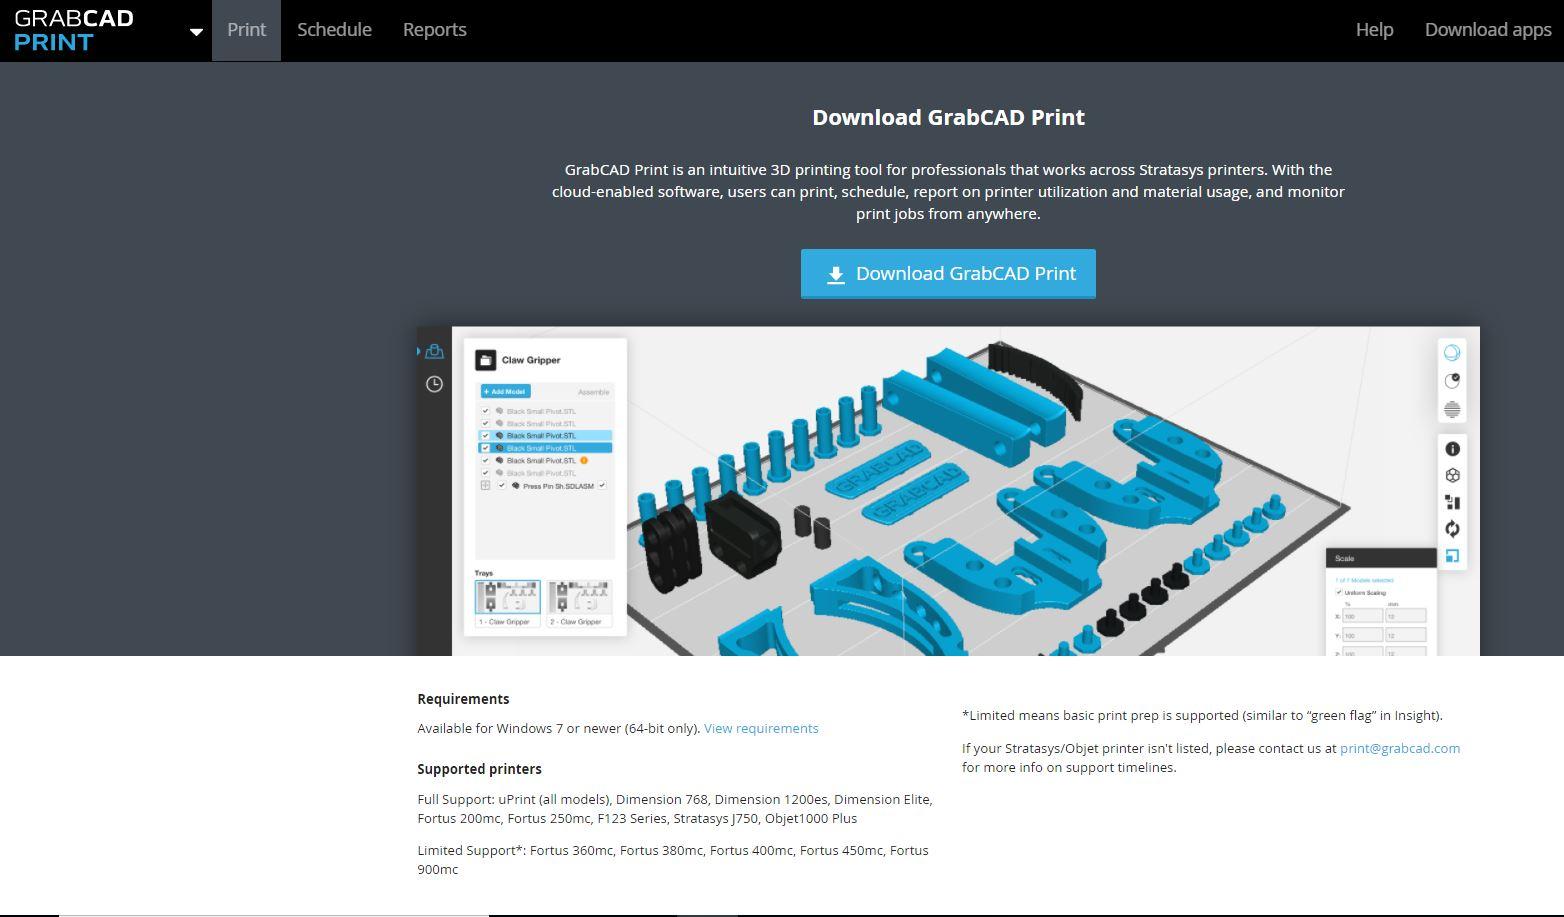 Where can I download GrabCAD Print? | GrabCAD Questions